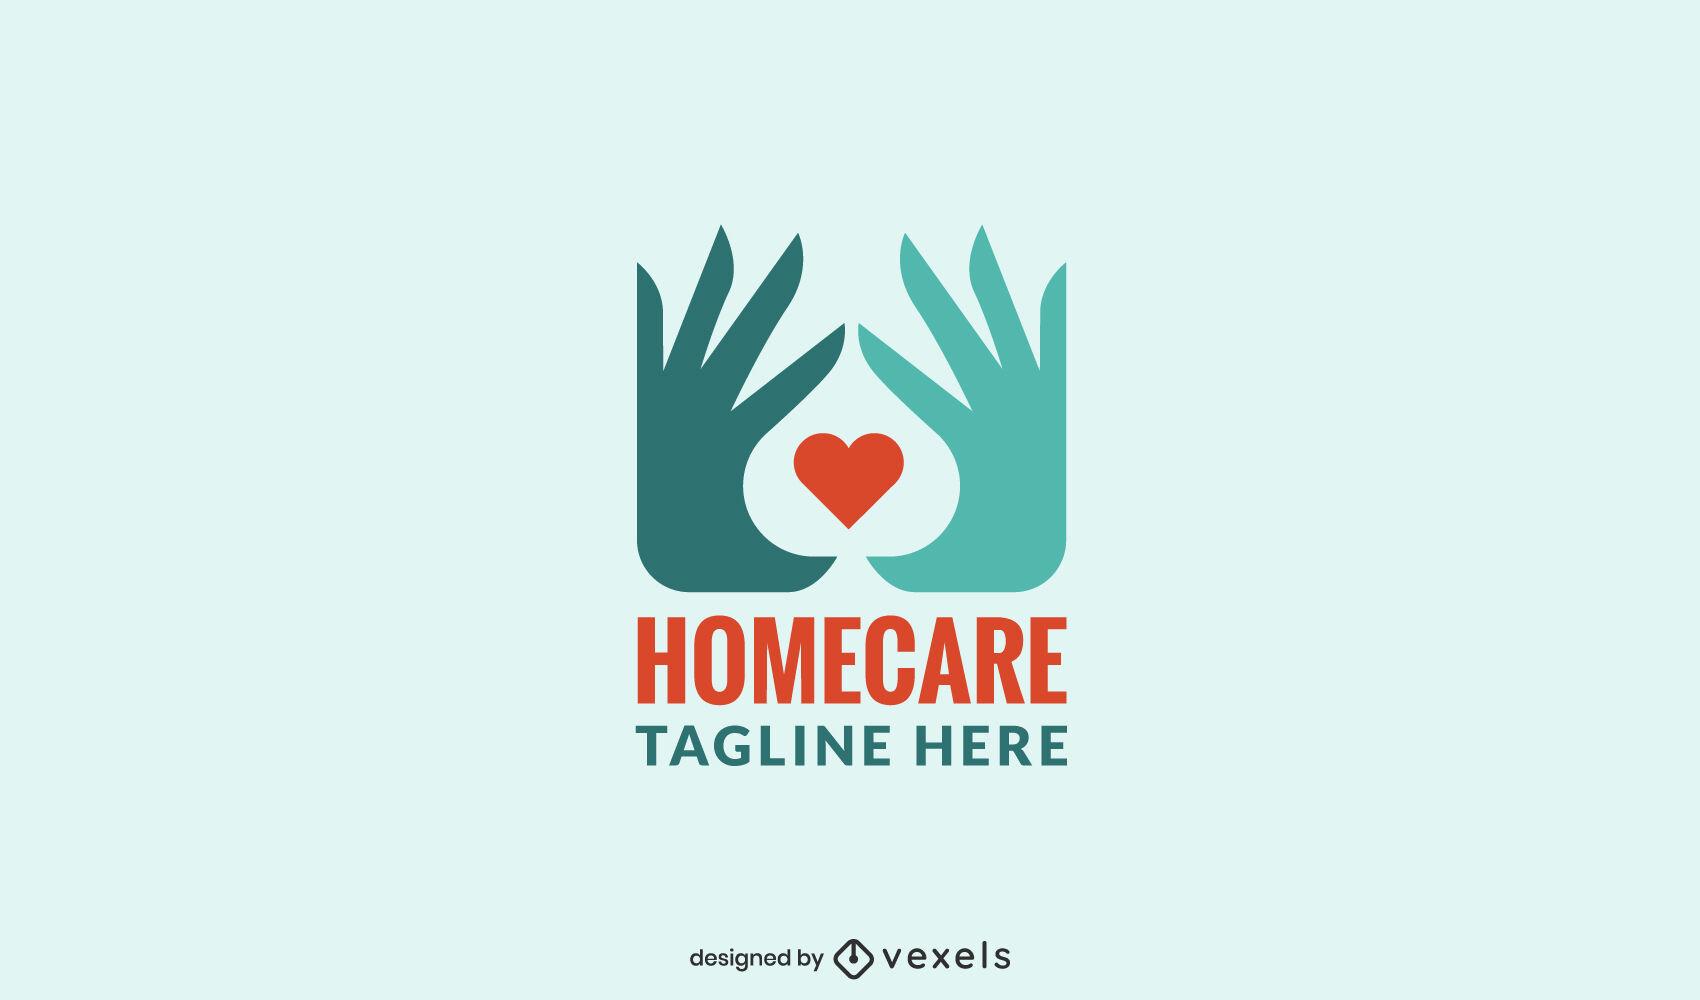 Manos de atención domiciliaria y plantilla de logotipo de corazón